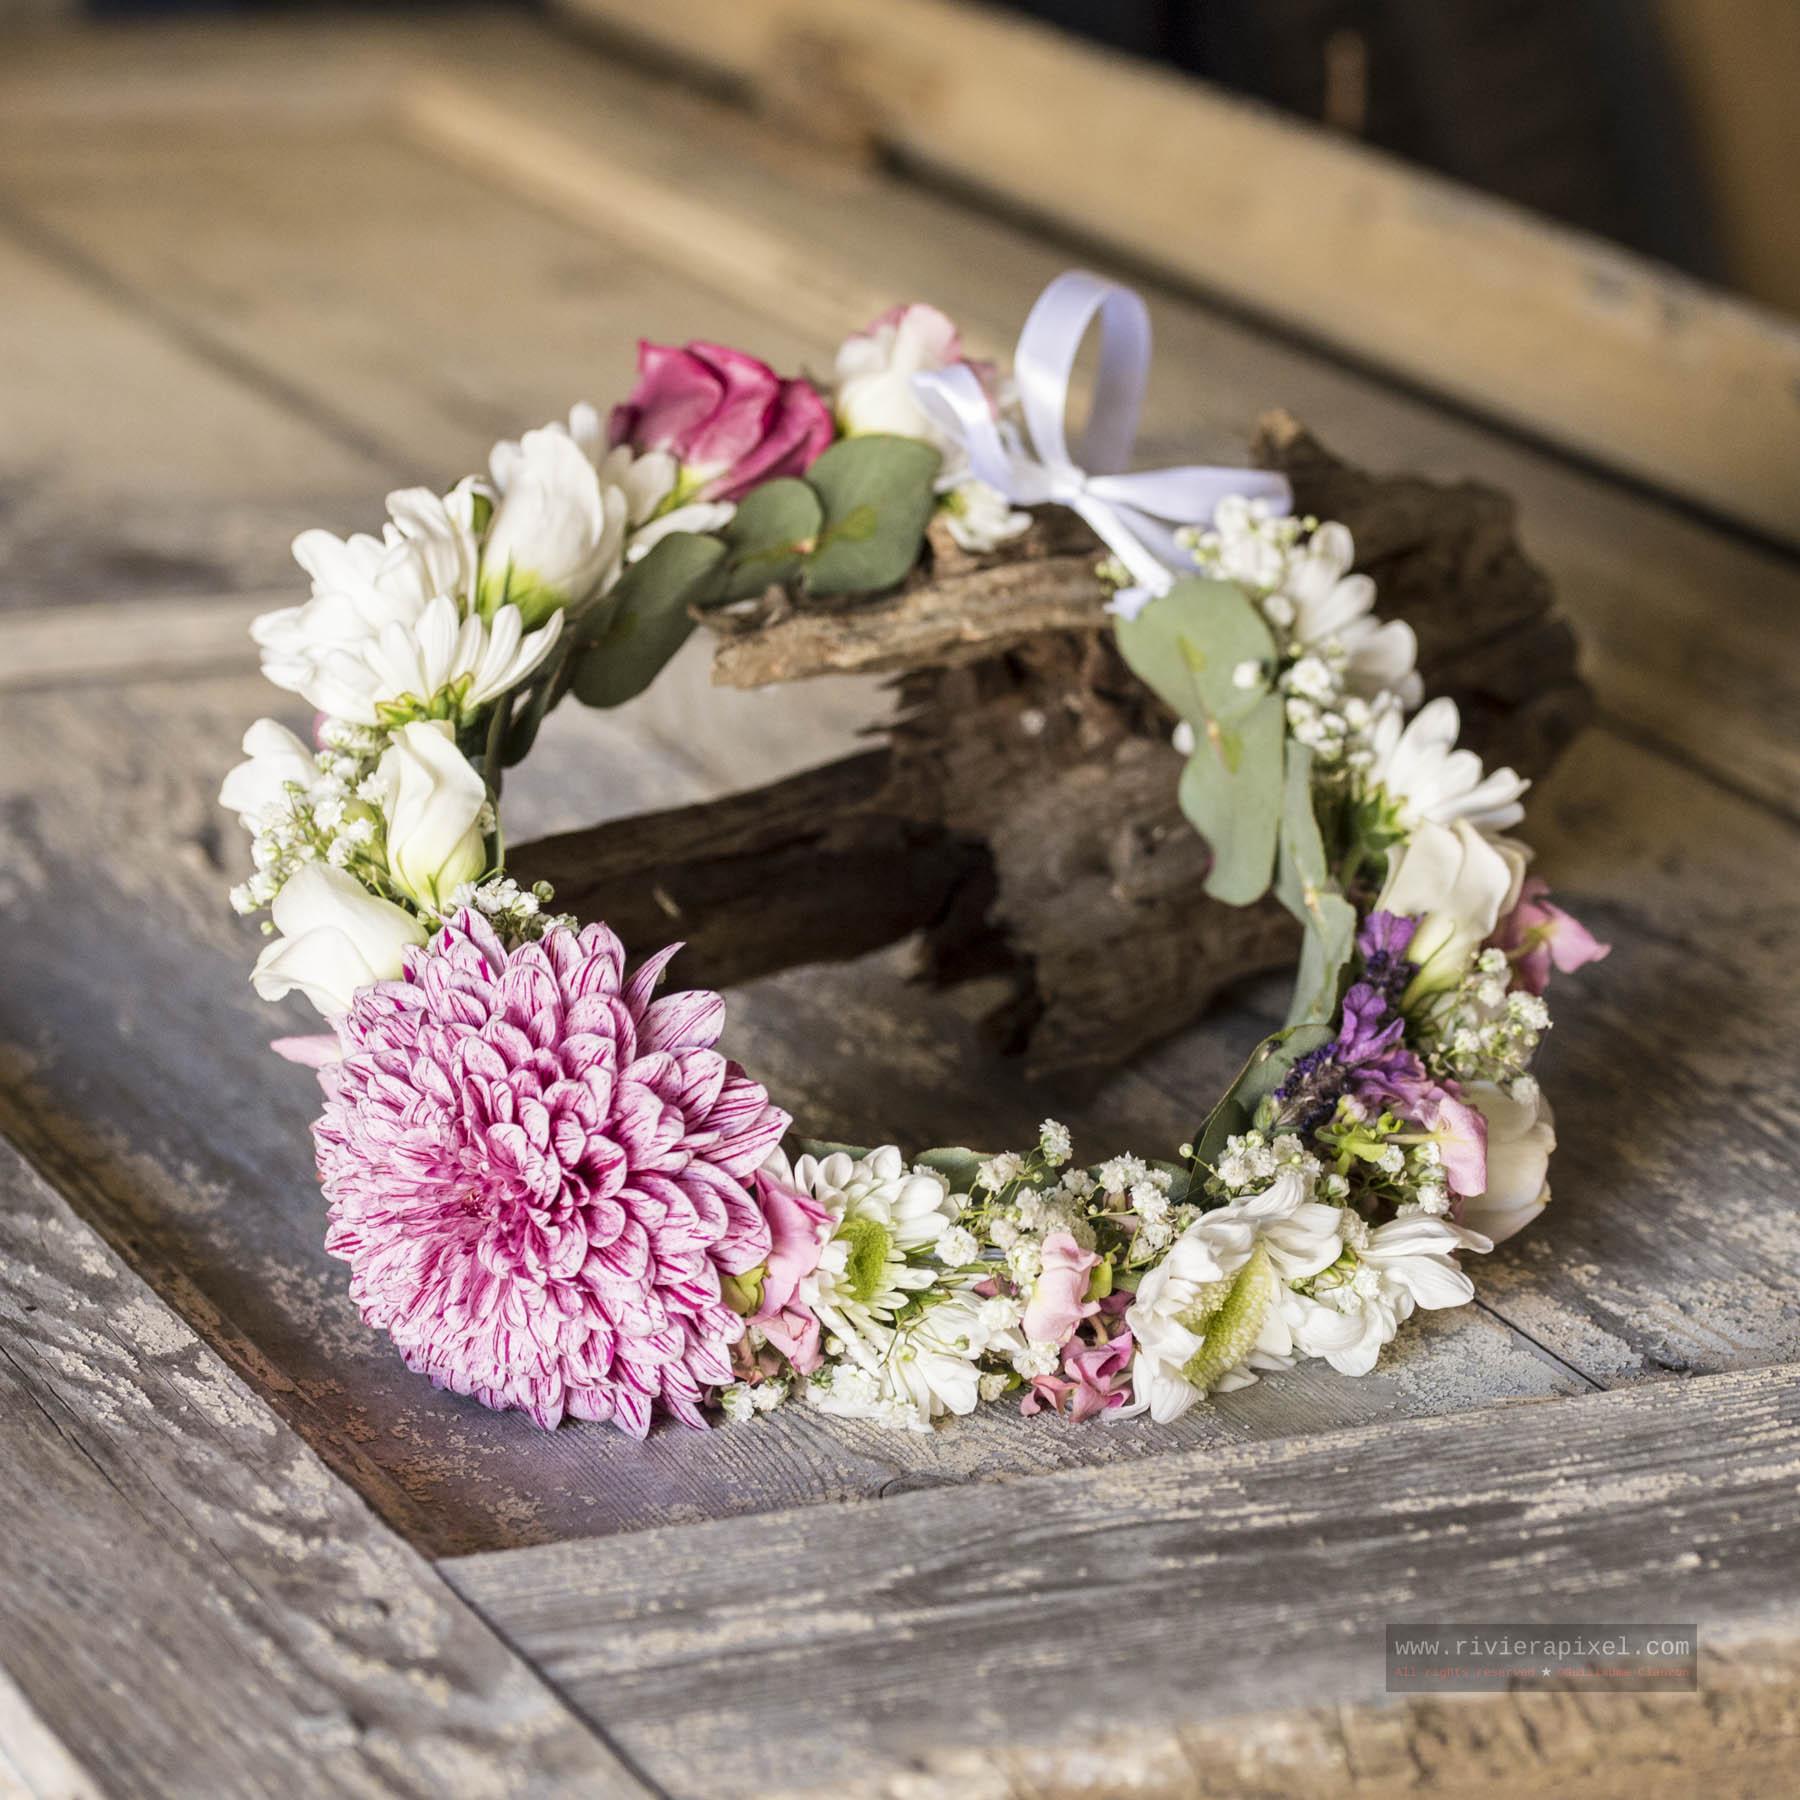 commander couronne de fleurs hippie chic style boho bobo photographe evjf marseille aix en. Black Bedroom Furniture Sets. Home Design Ideas